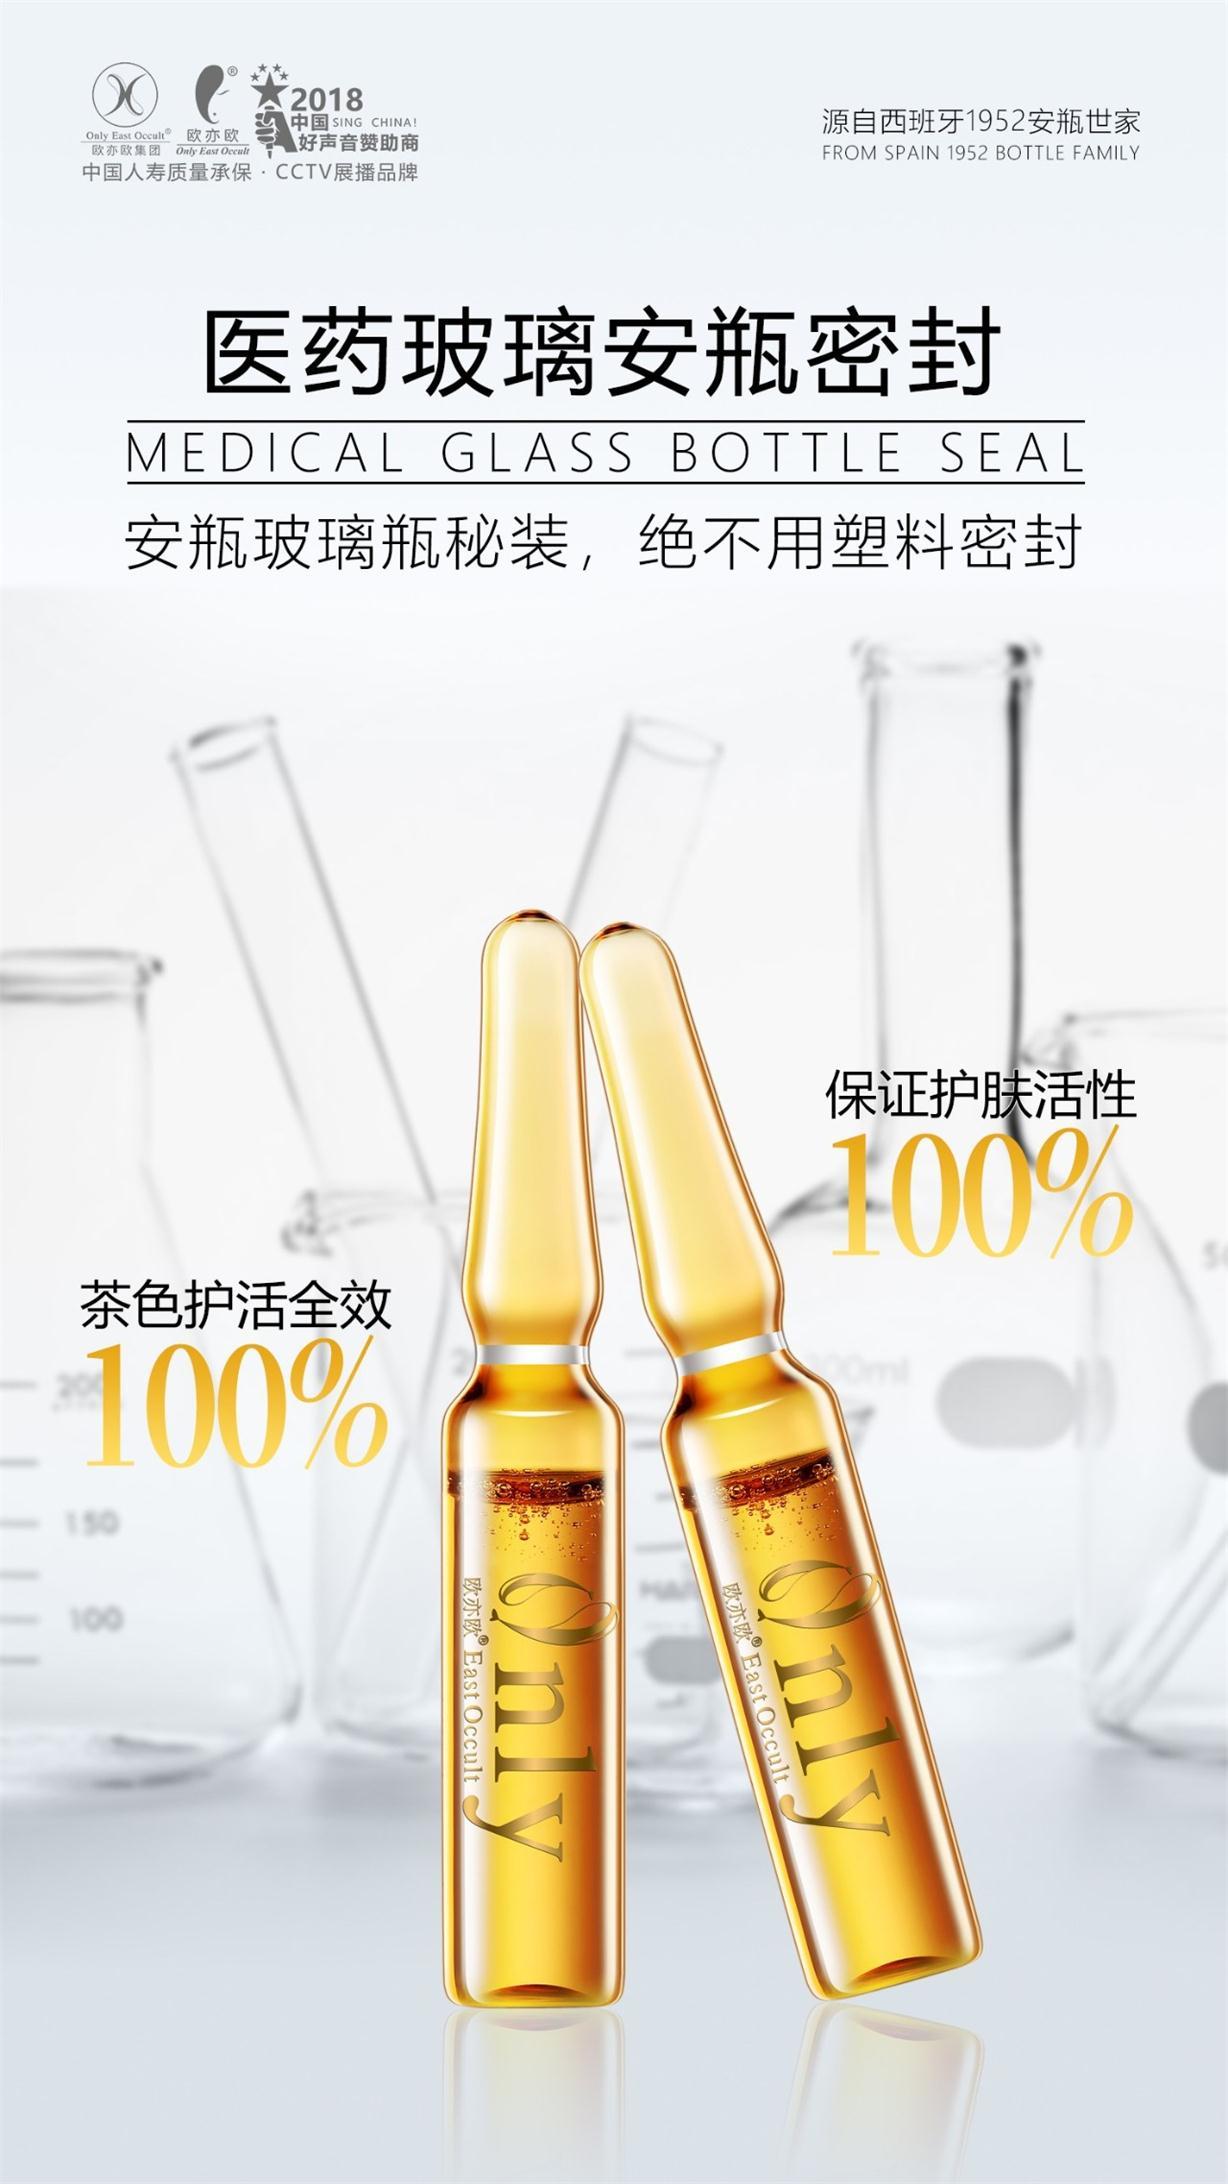 安瓶面膜-供应保山实惠的欧亦欧医美专业级安瓶